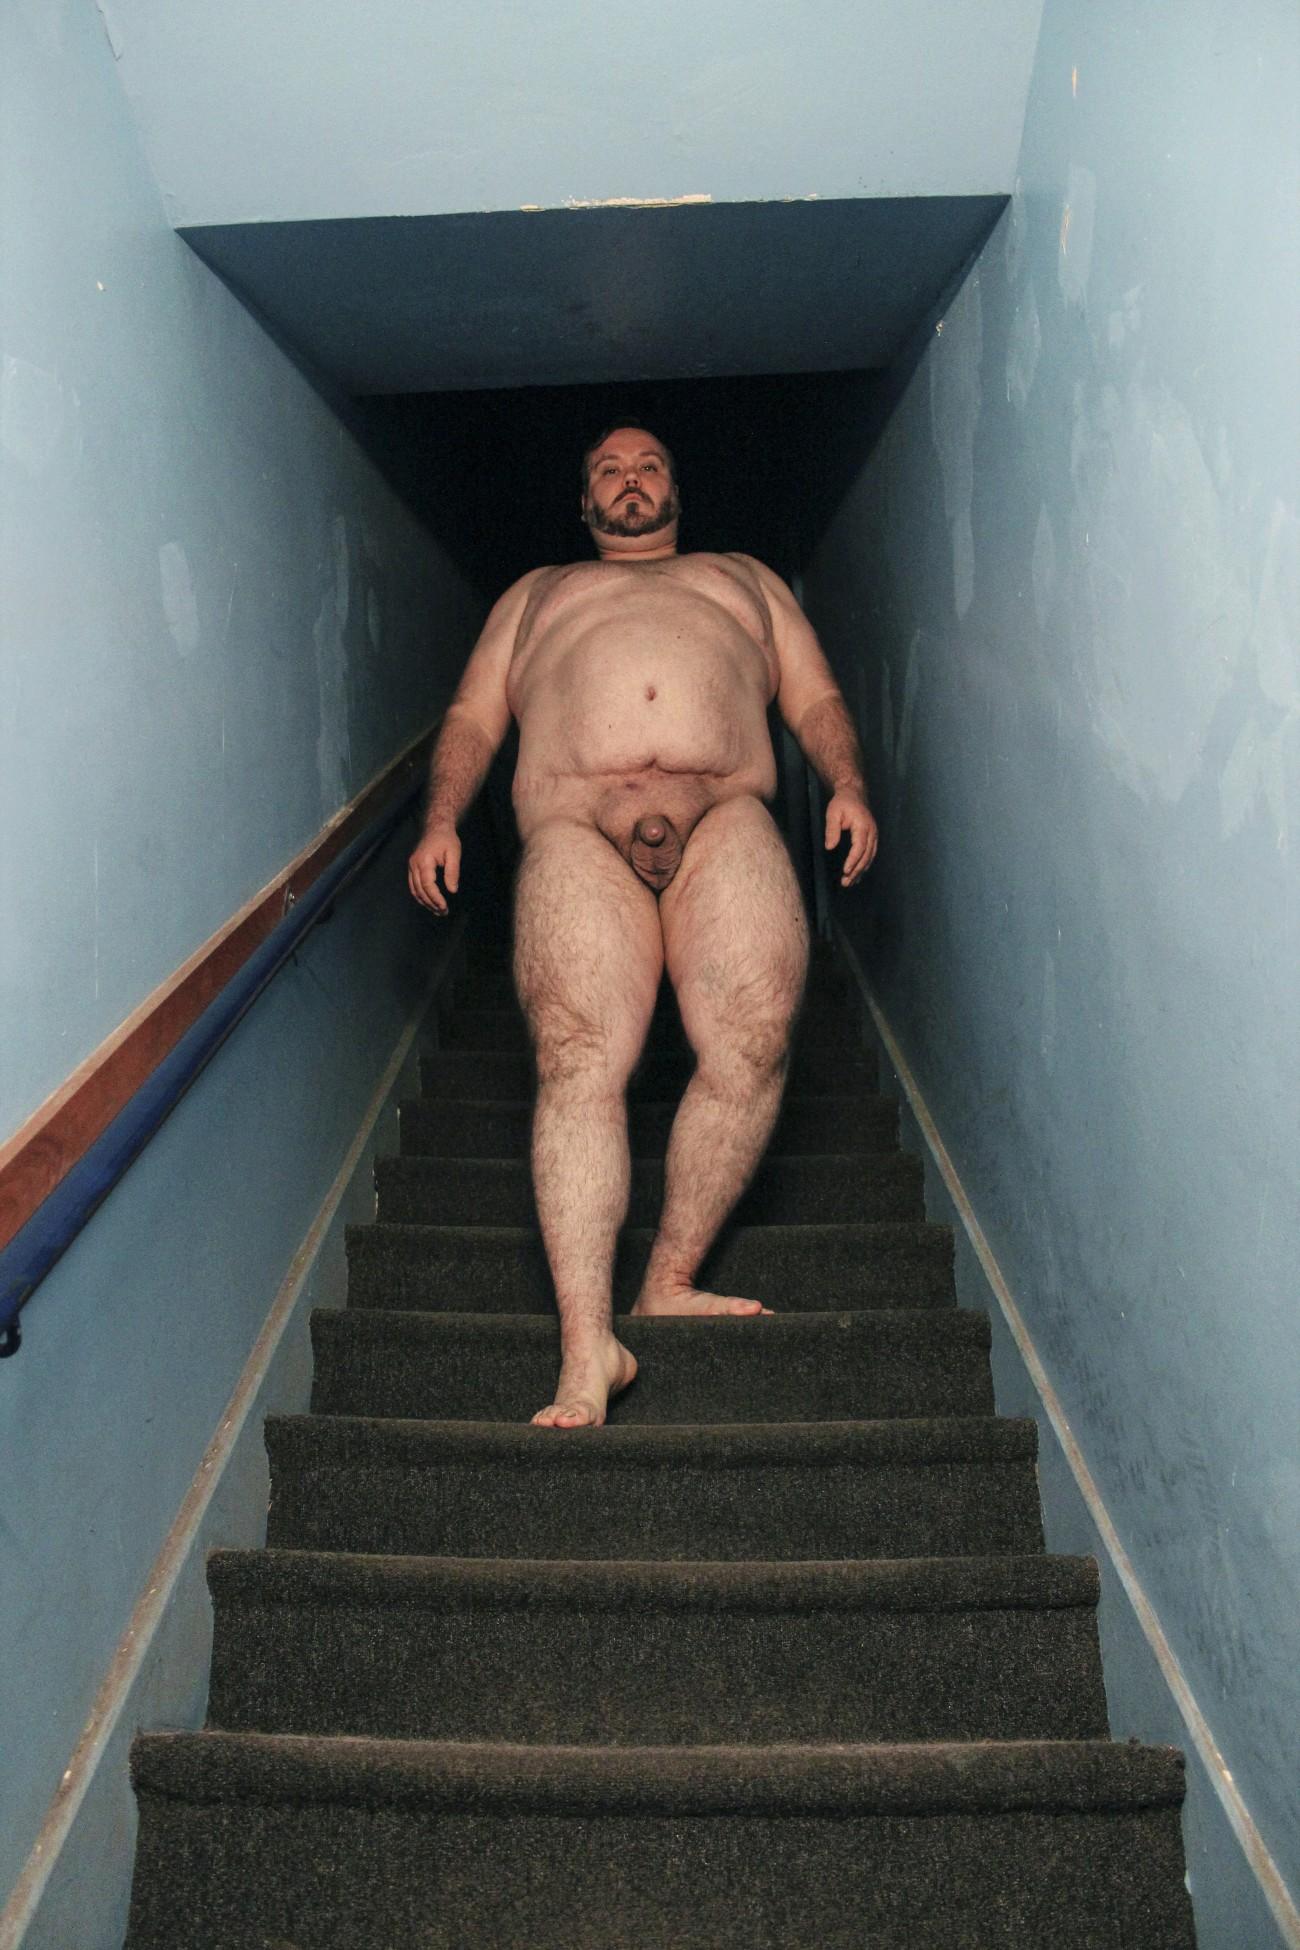 Steve Giasson. Performance invisible n° 81 (Descendre nu un escalier (sans se faire remarquer)). D'après Eadweard Muybridge. Woman Walking Downstairs. 1887. D'après Marcel Duchamp. Nu descendant un escalier n° 1. 1911 etNu descendant un escalier n° 2. 1912.D'après Gerhard Richter.Ema (Akt auf einer Treppe). 1966.D'aprèsLouise Lawler. Nude. 2002/2003. D'après Jonathan Monk. Nudes Descending the Stairs. 2007. Performeur : Steve Giasson. Crédit photographique : Martin Vinette. 18 novembre 2015 et 28 janvier 2016.